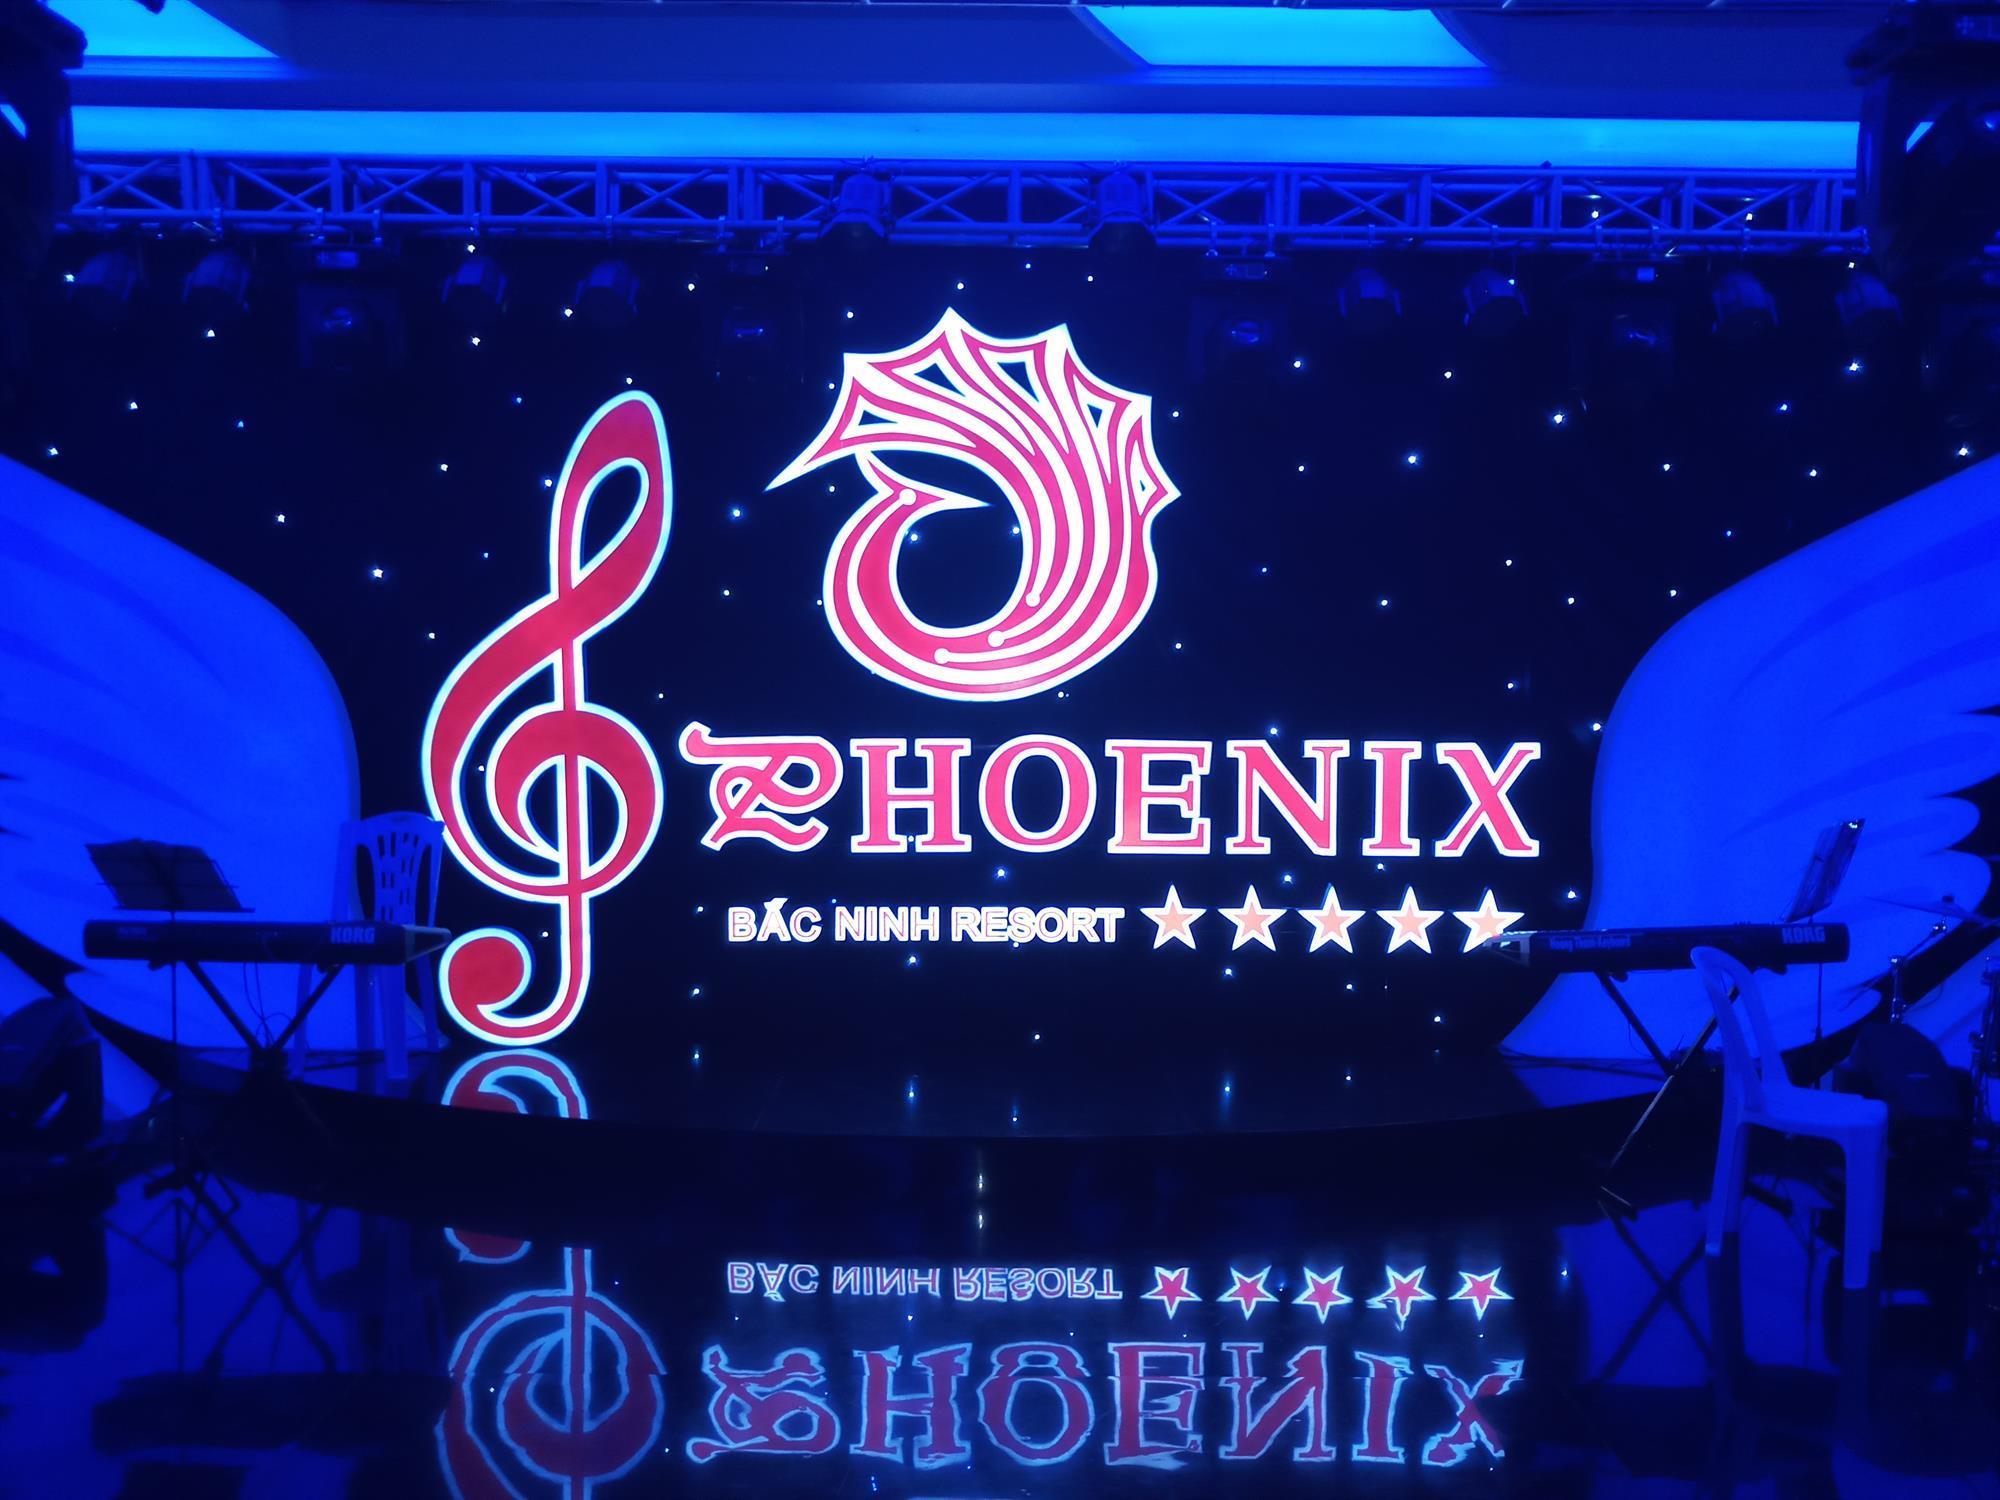 Bolero - Phoenix cuối tuần số 1 chủ đề Tình Đời đoạn 1